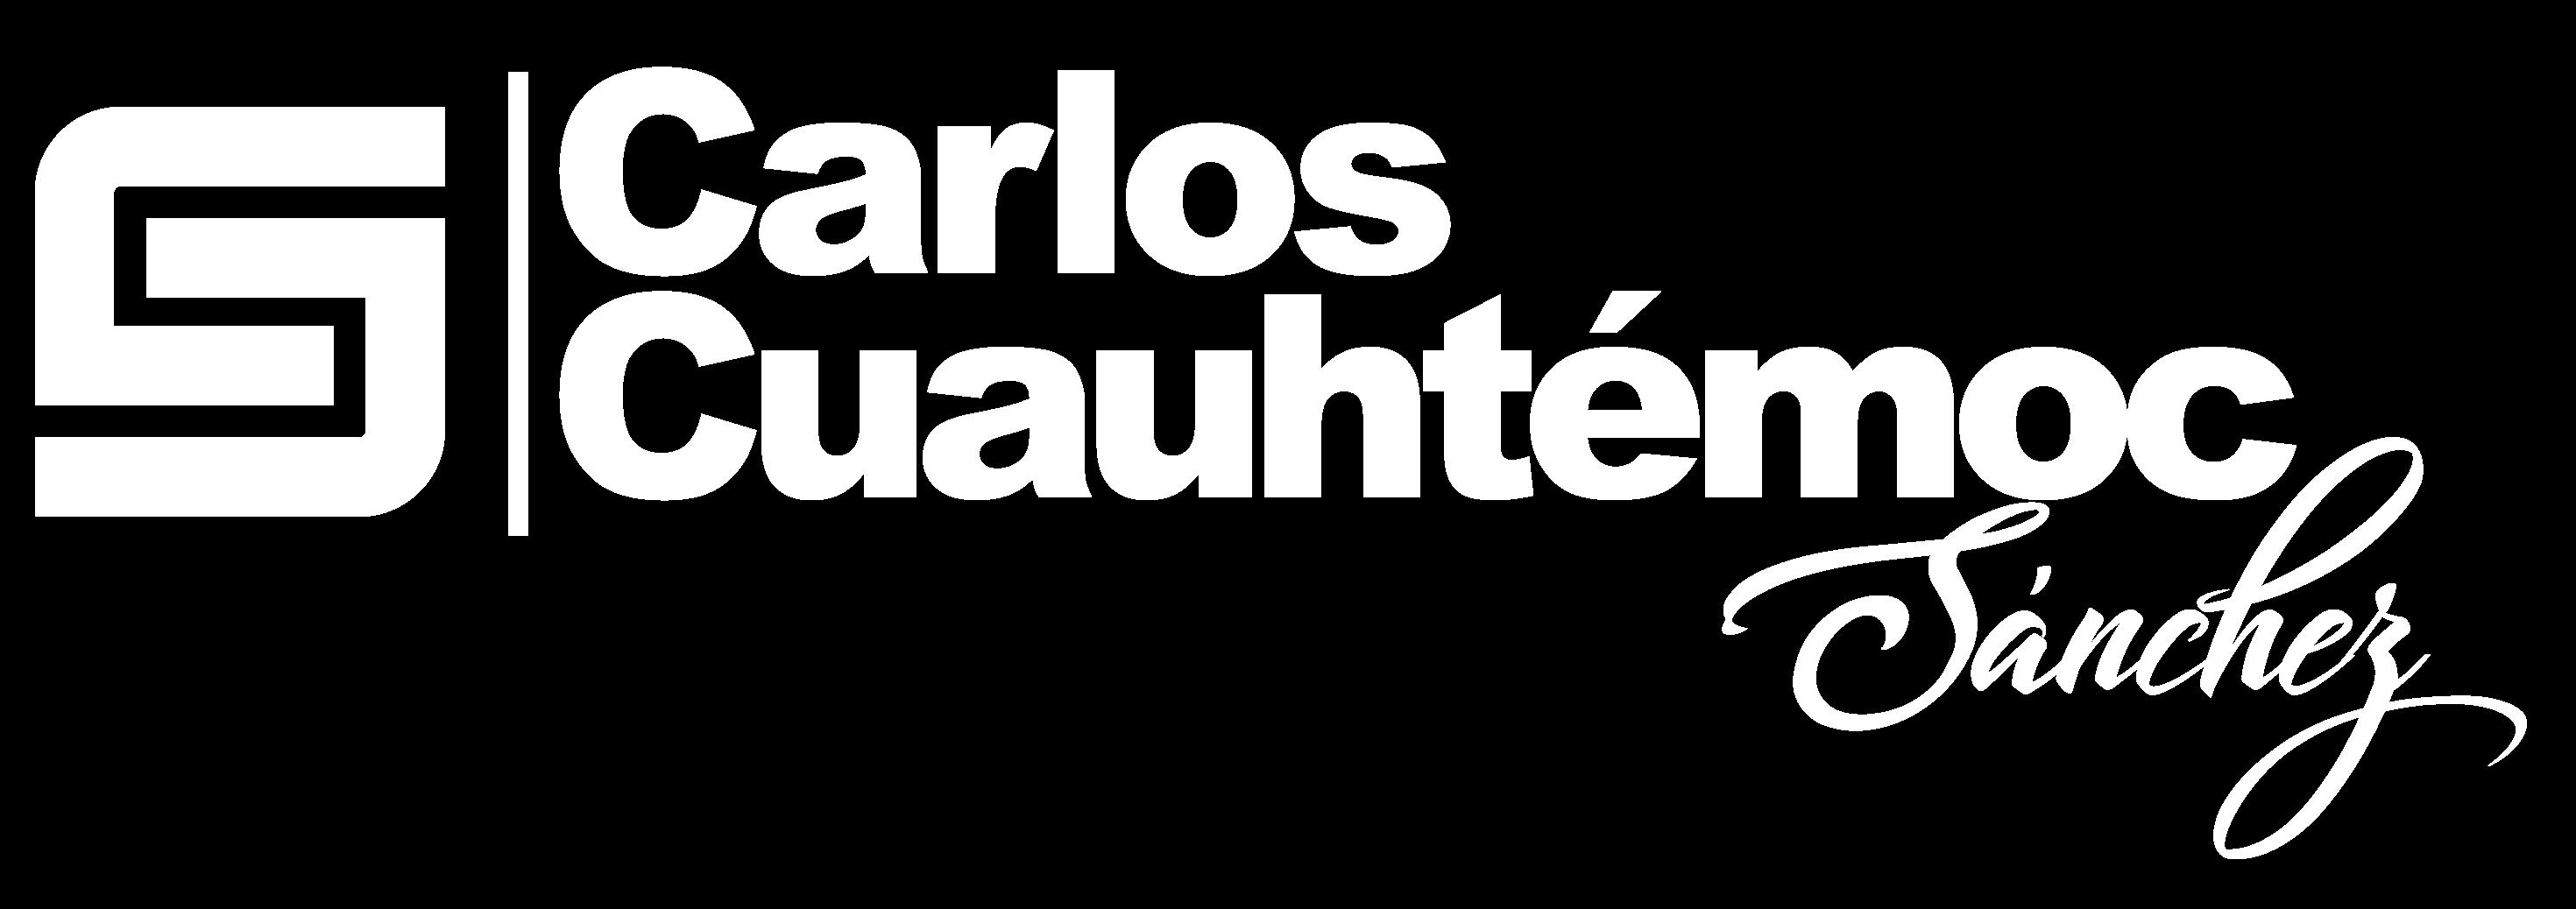 Carlos Cuauhtémoc Sánchez-Escritor y Conferencista